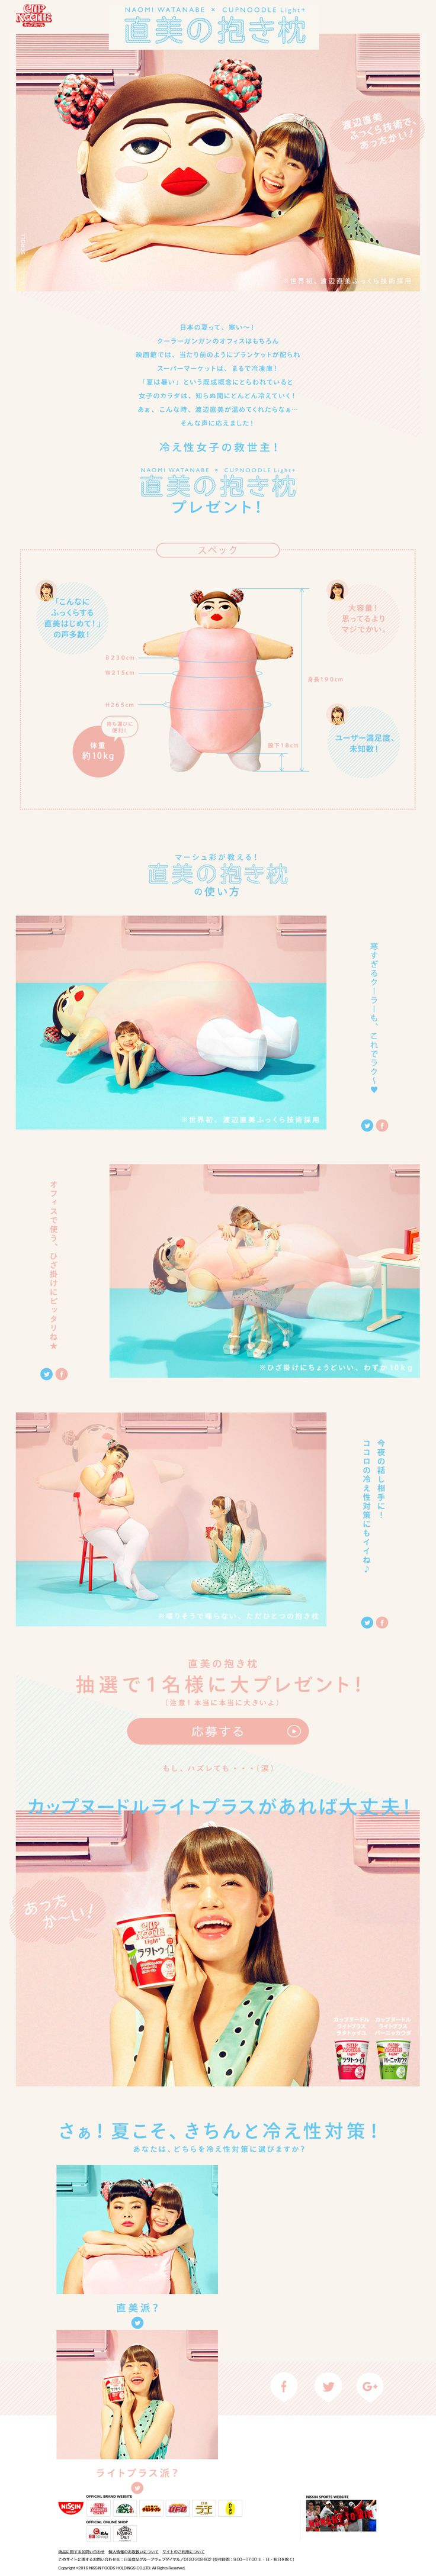 直美の抱き枕|Light+ - 日清カップヌードル|CUPNOODLE http://www.cupnoodle.jp/lightplus/summer/